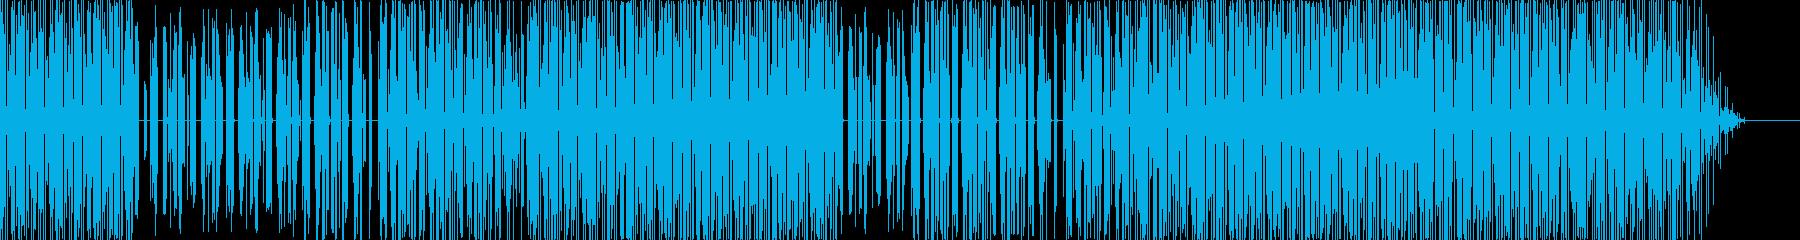 近未来エレクトロの再生済みの波形